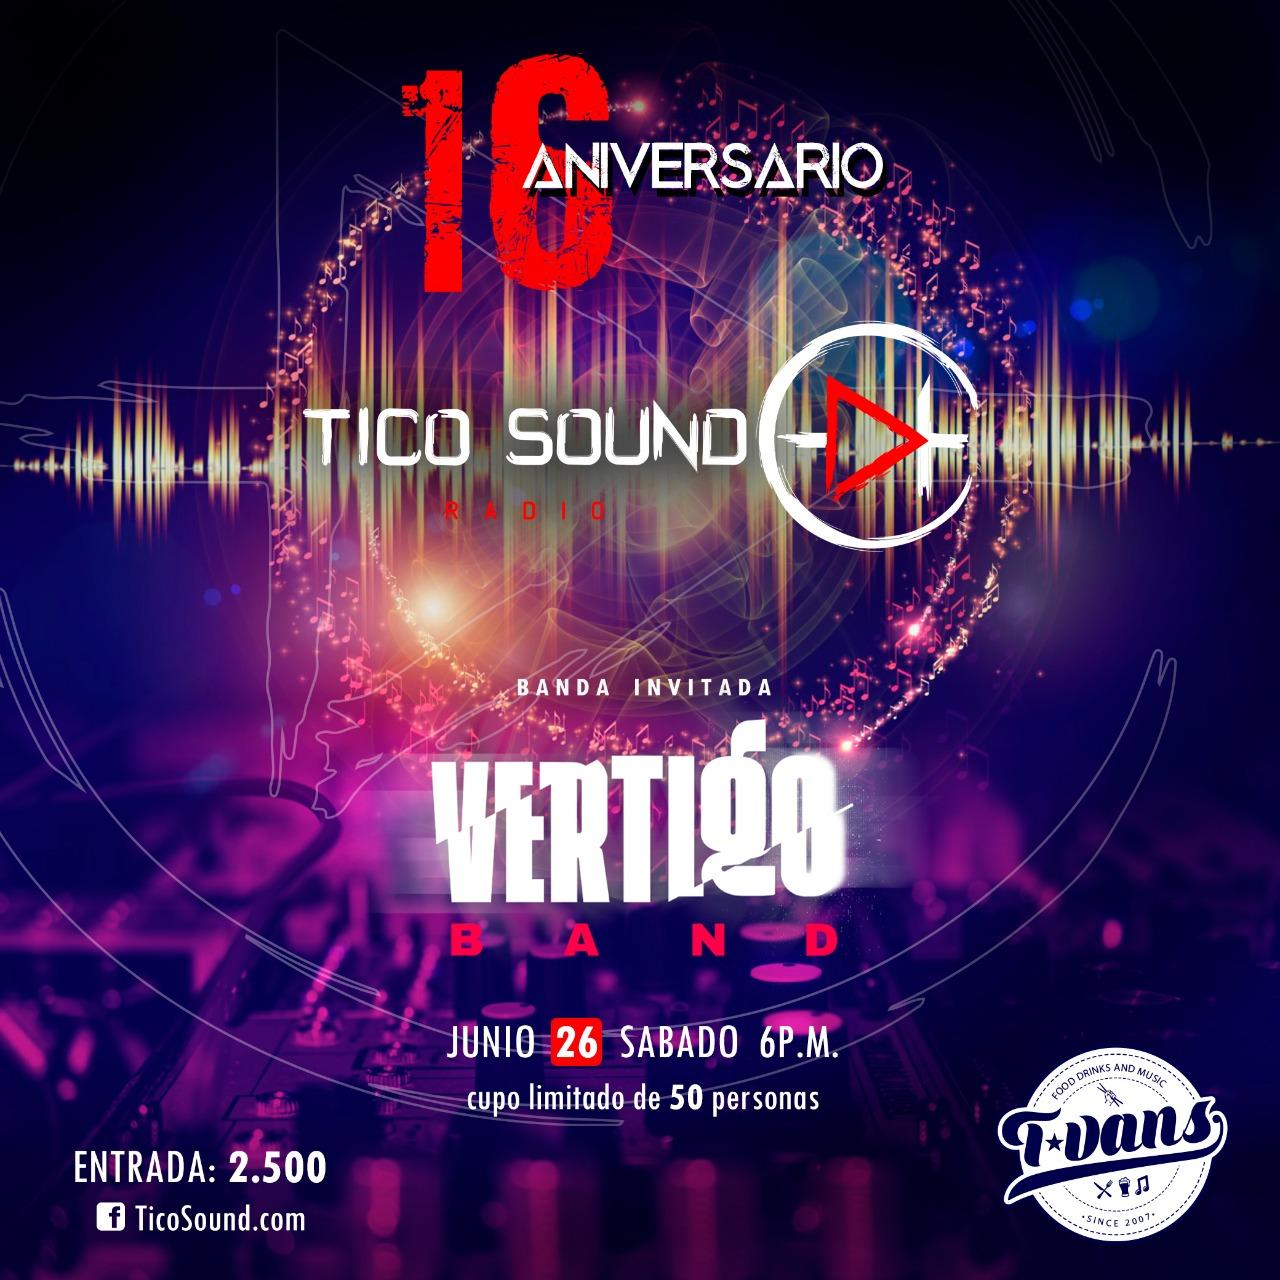 Vertigo Band / Aniversario TicoSound.com